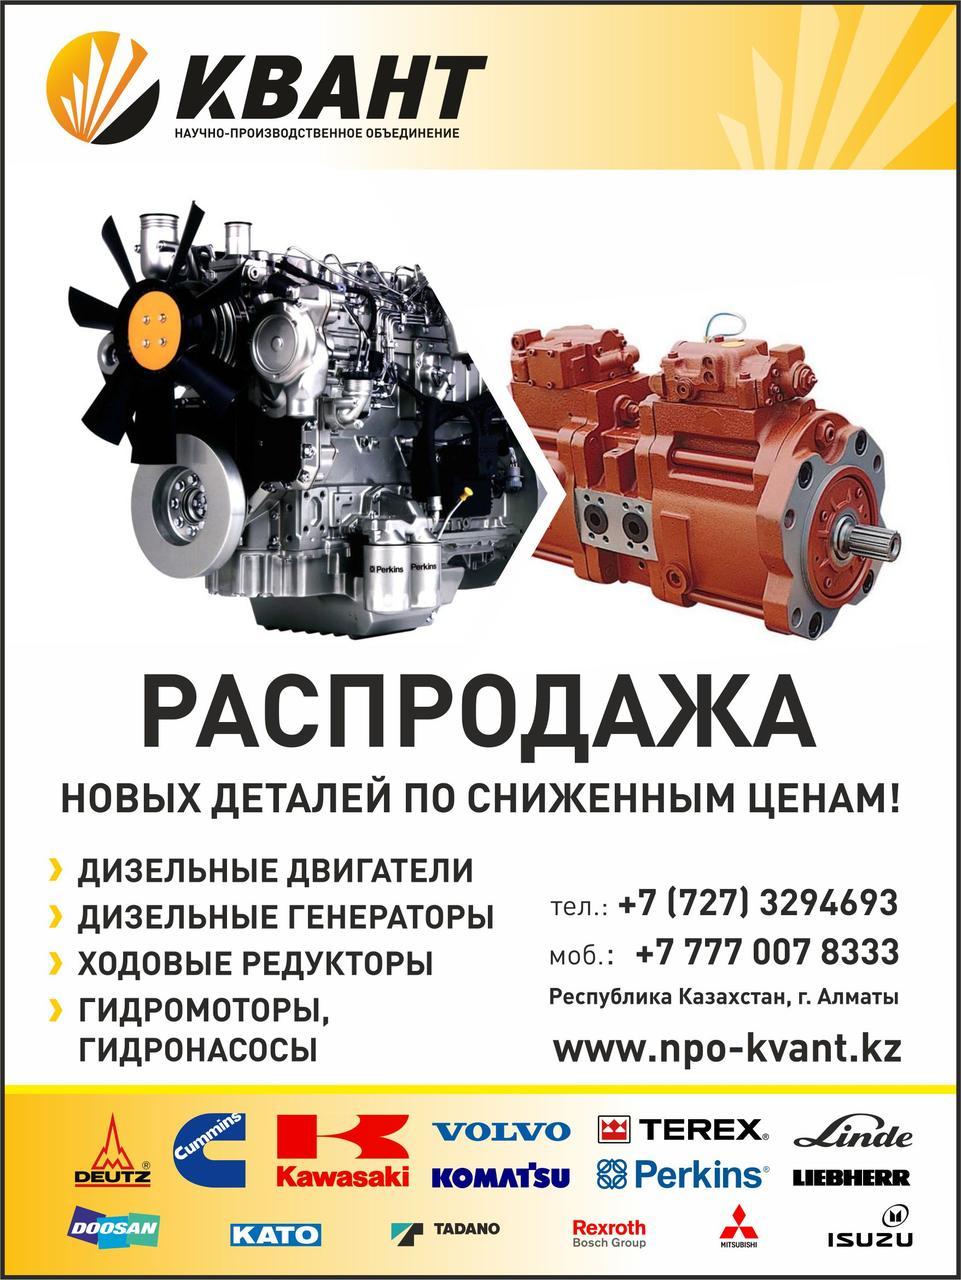 Двигатель Caterpillar C9, C10, C11, C13, C15 ATAAC